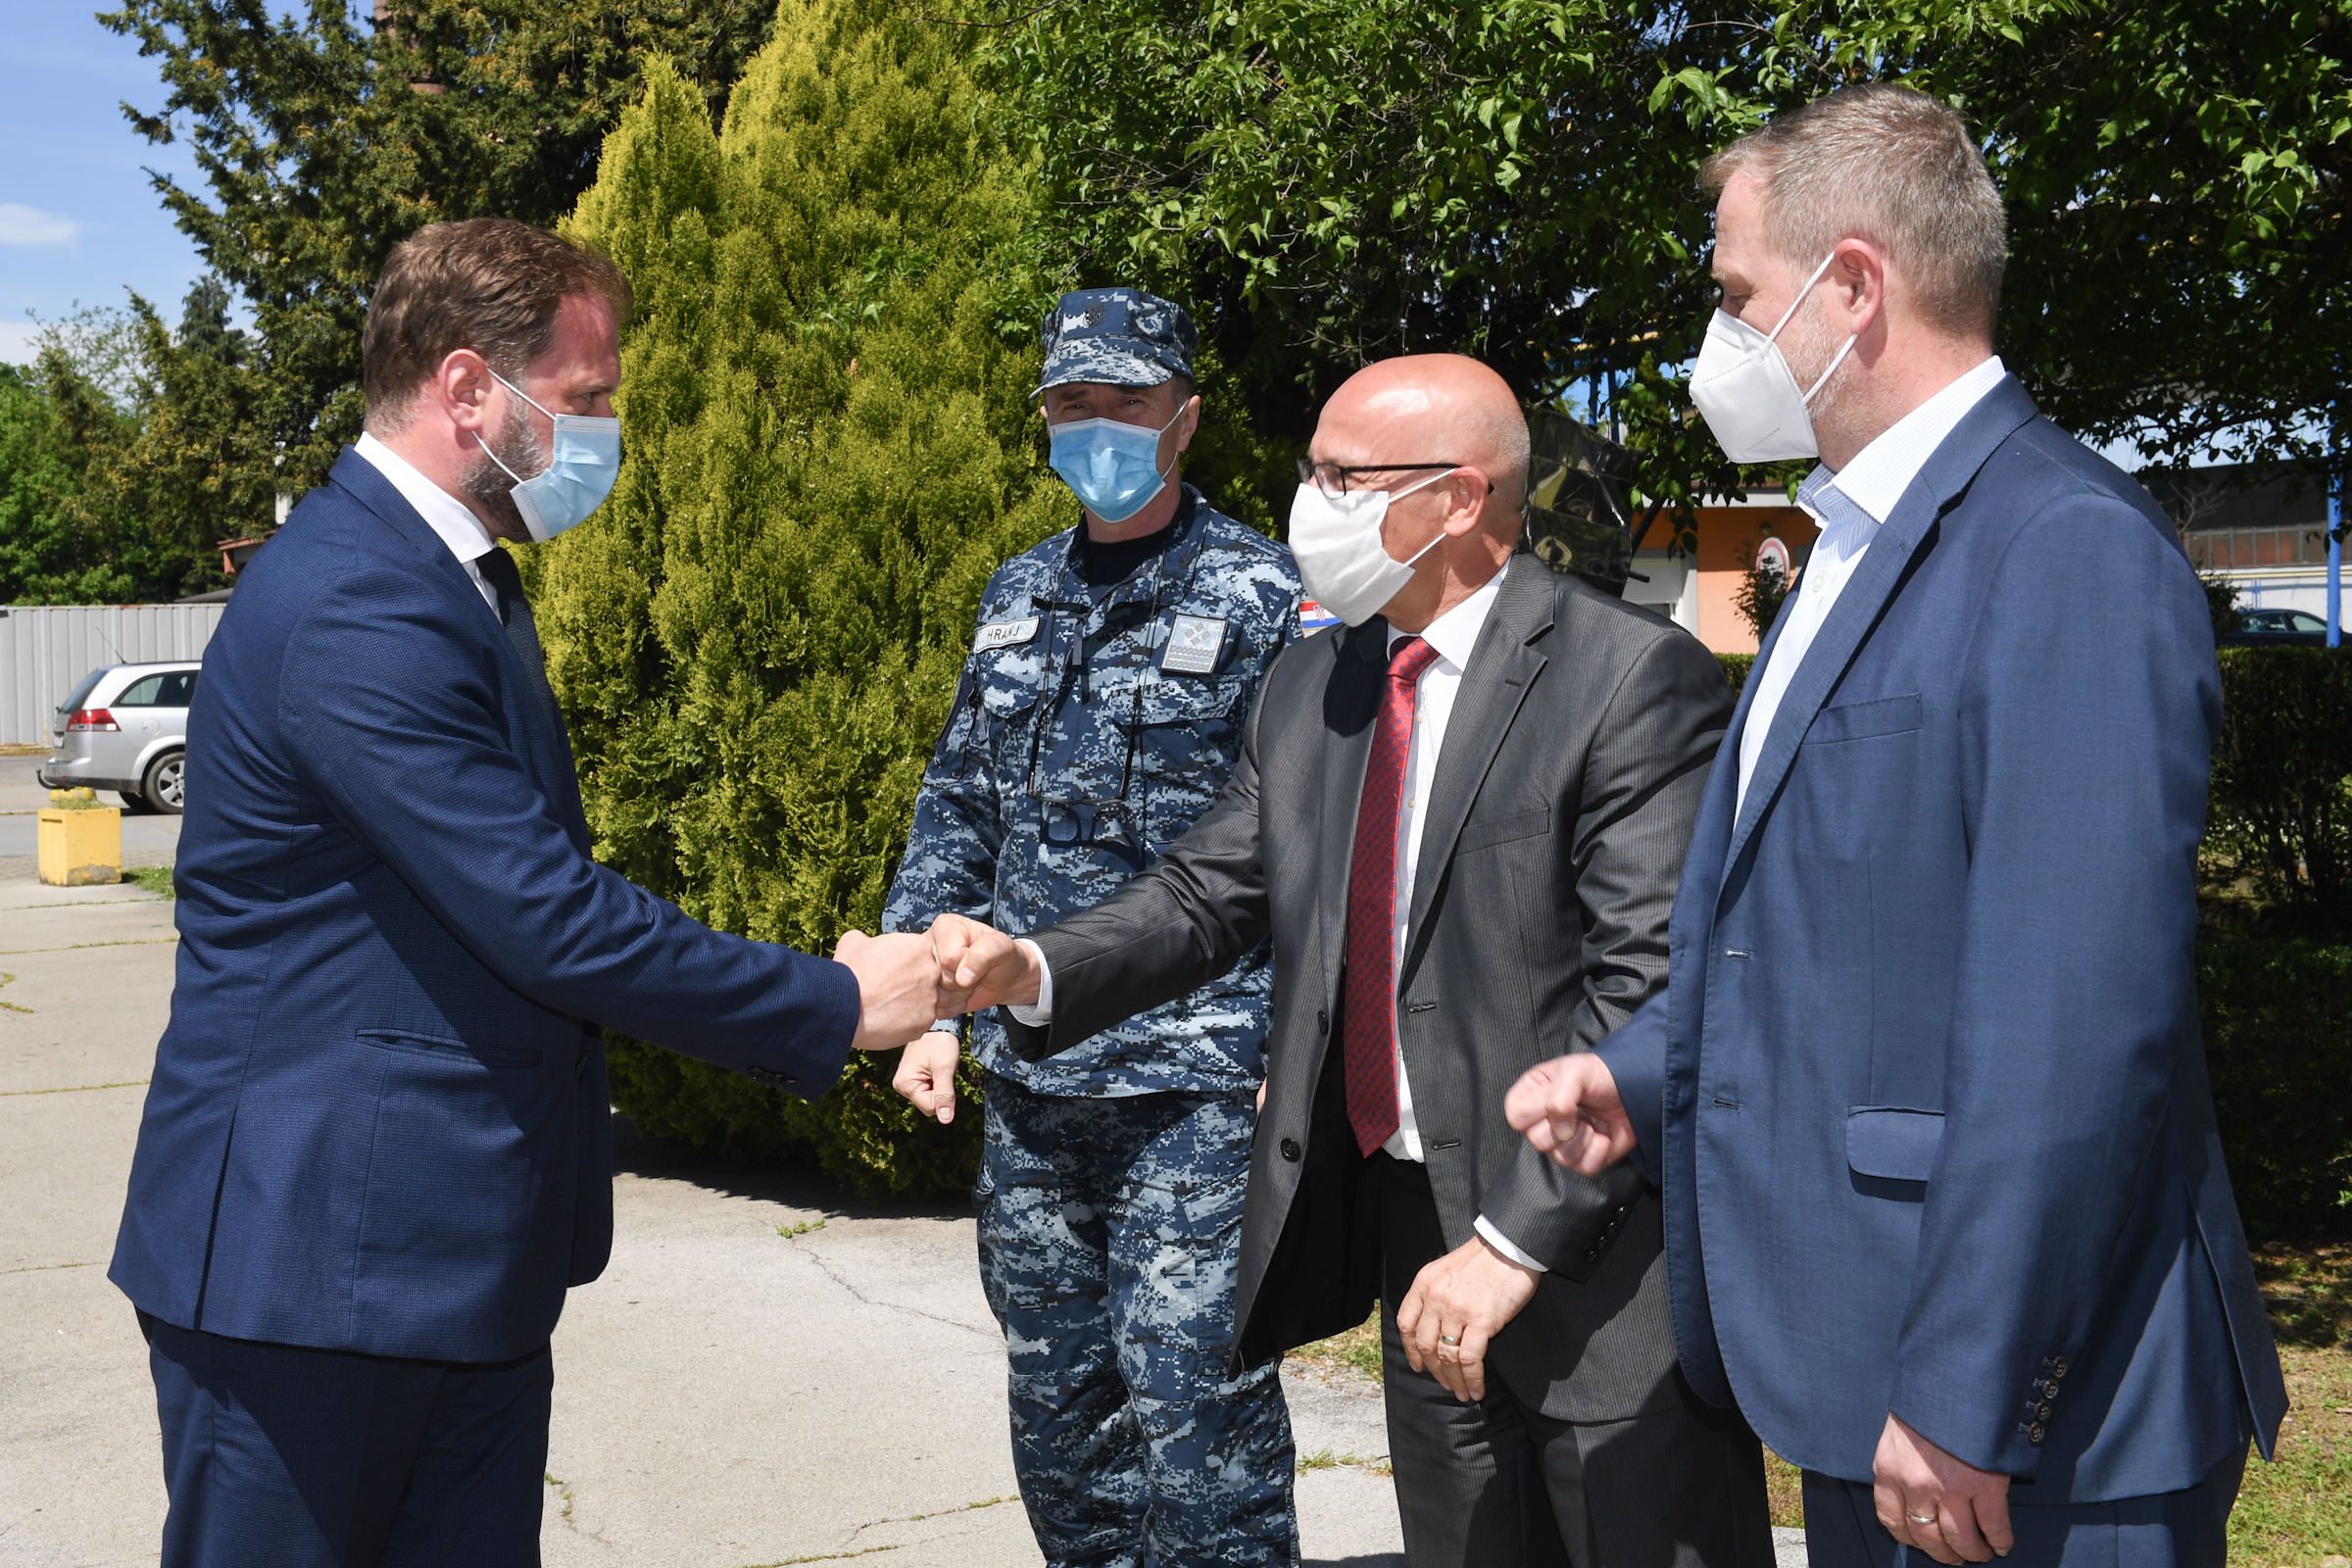 Ministar Banožić s predstavnicima tvrtke